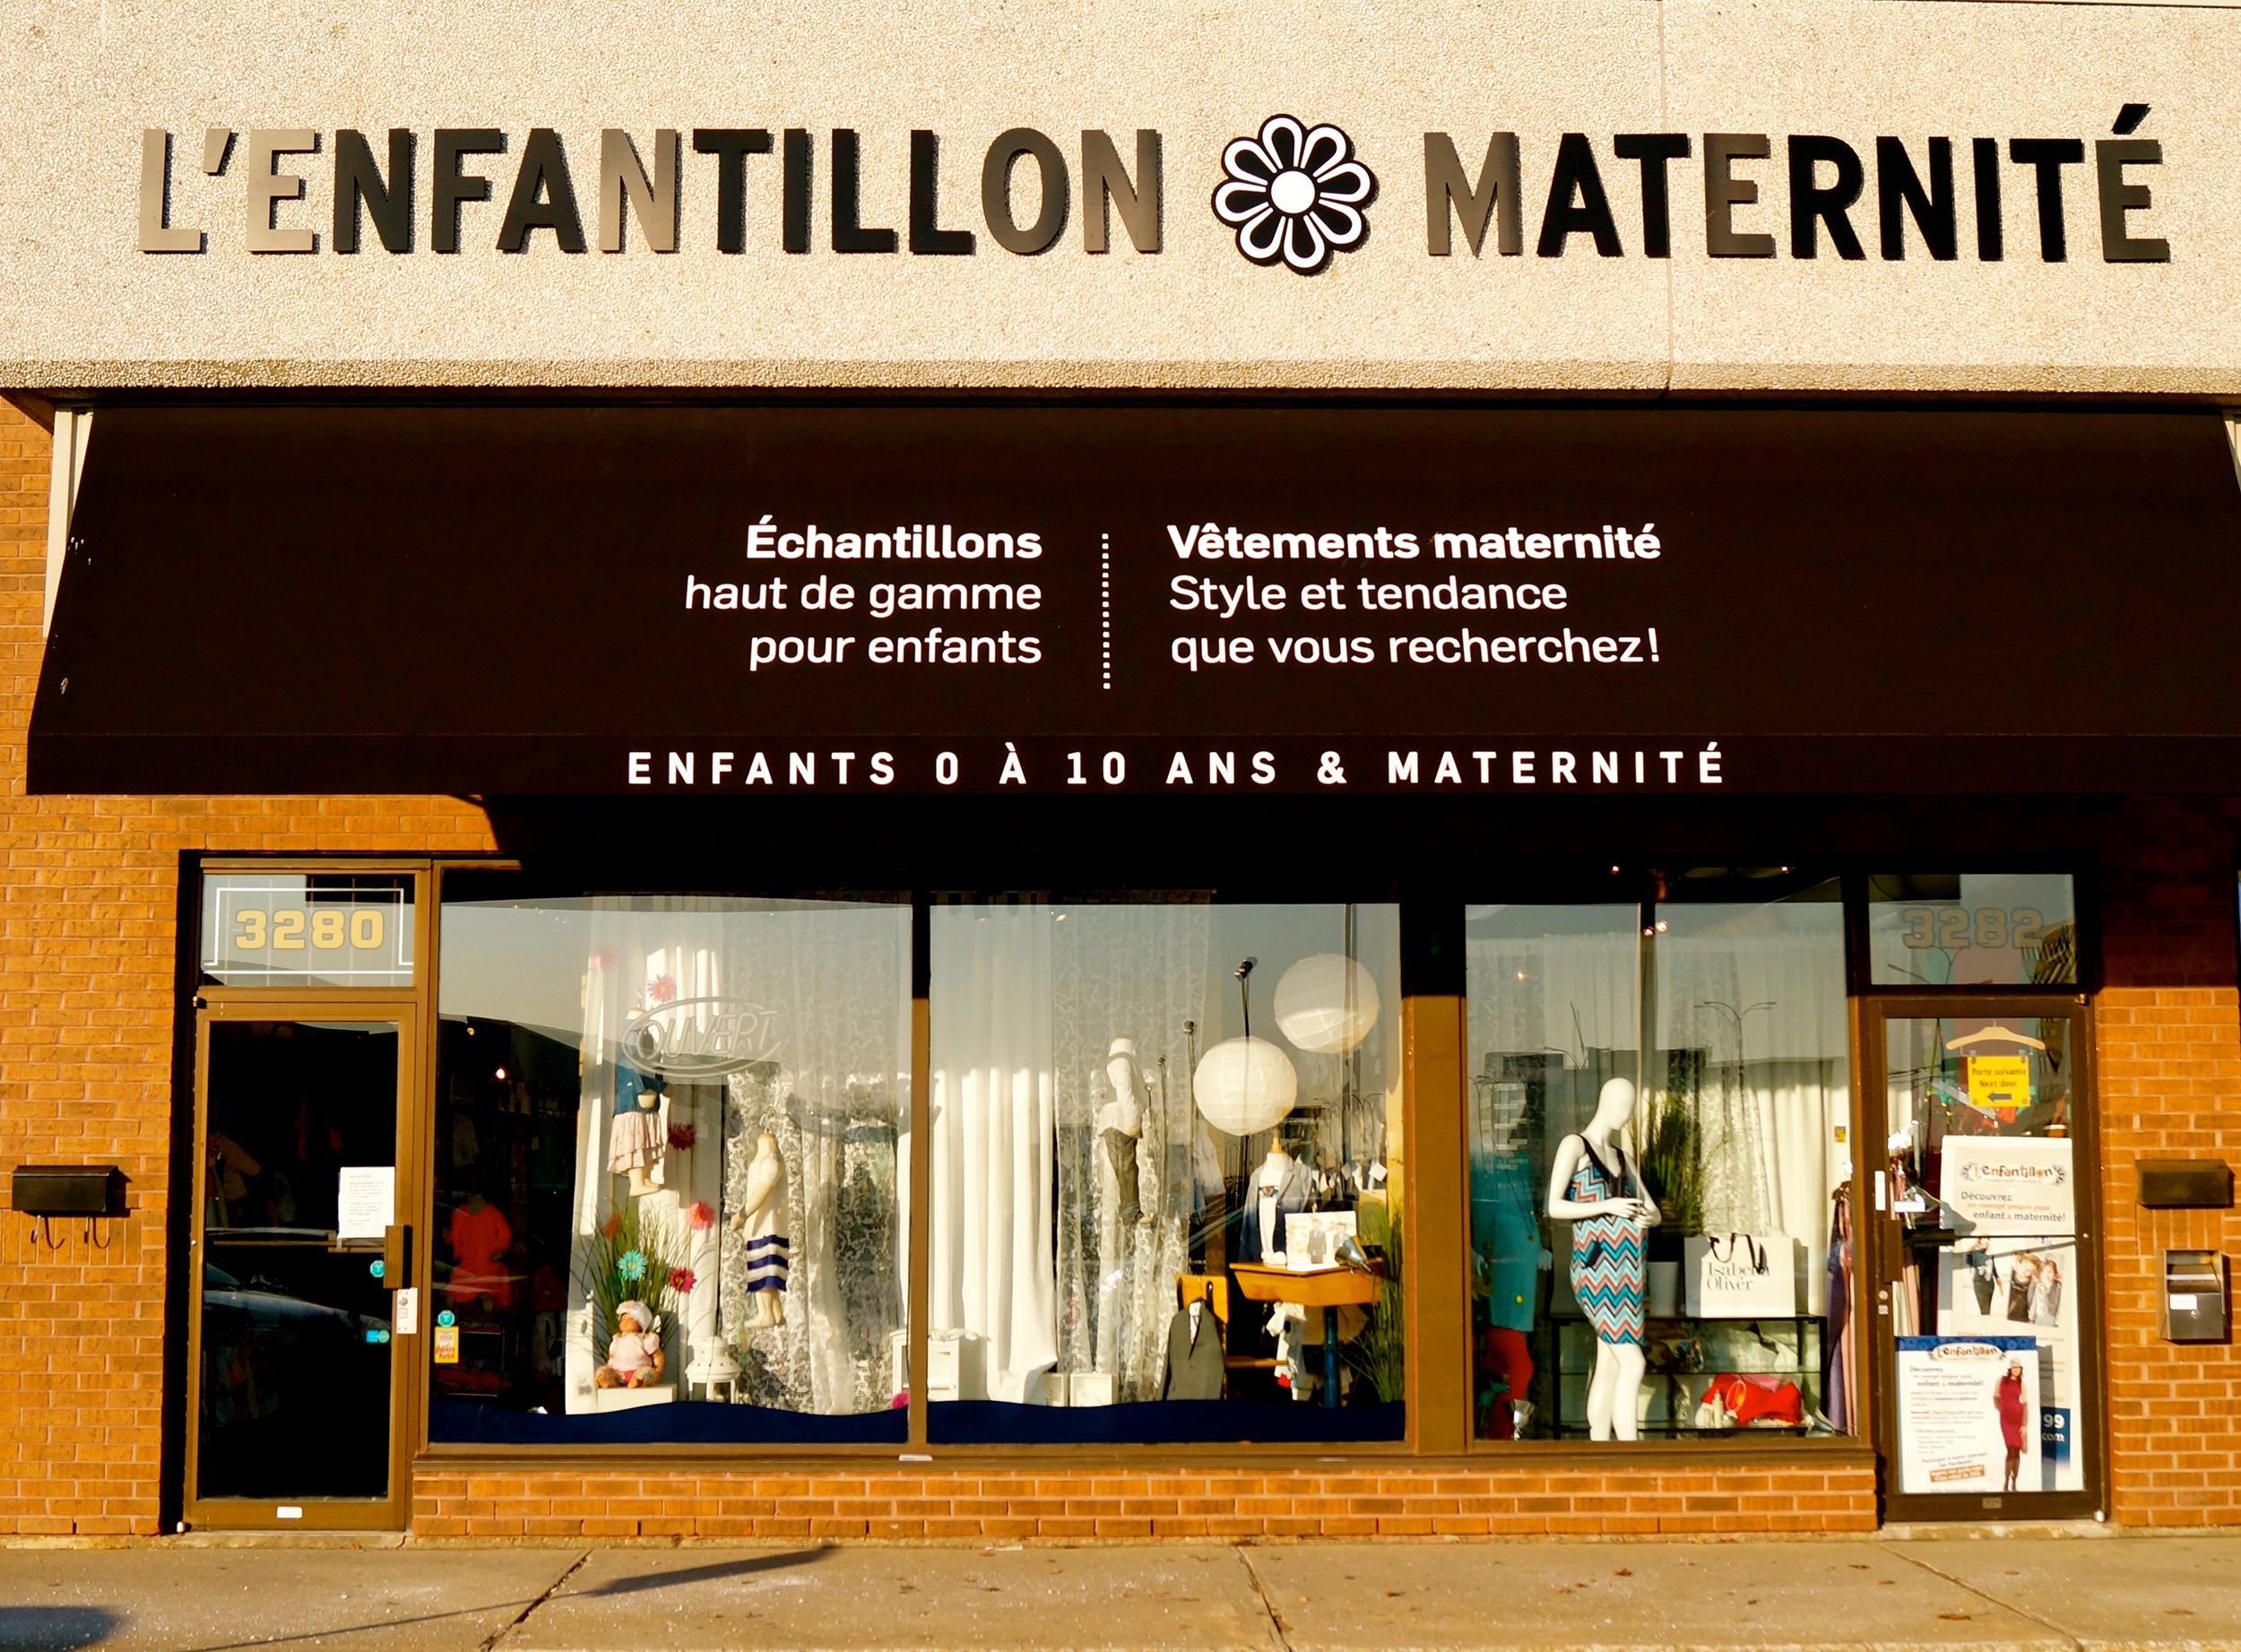 Lenfantillon-facade-boutique